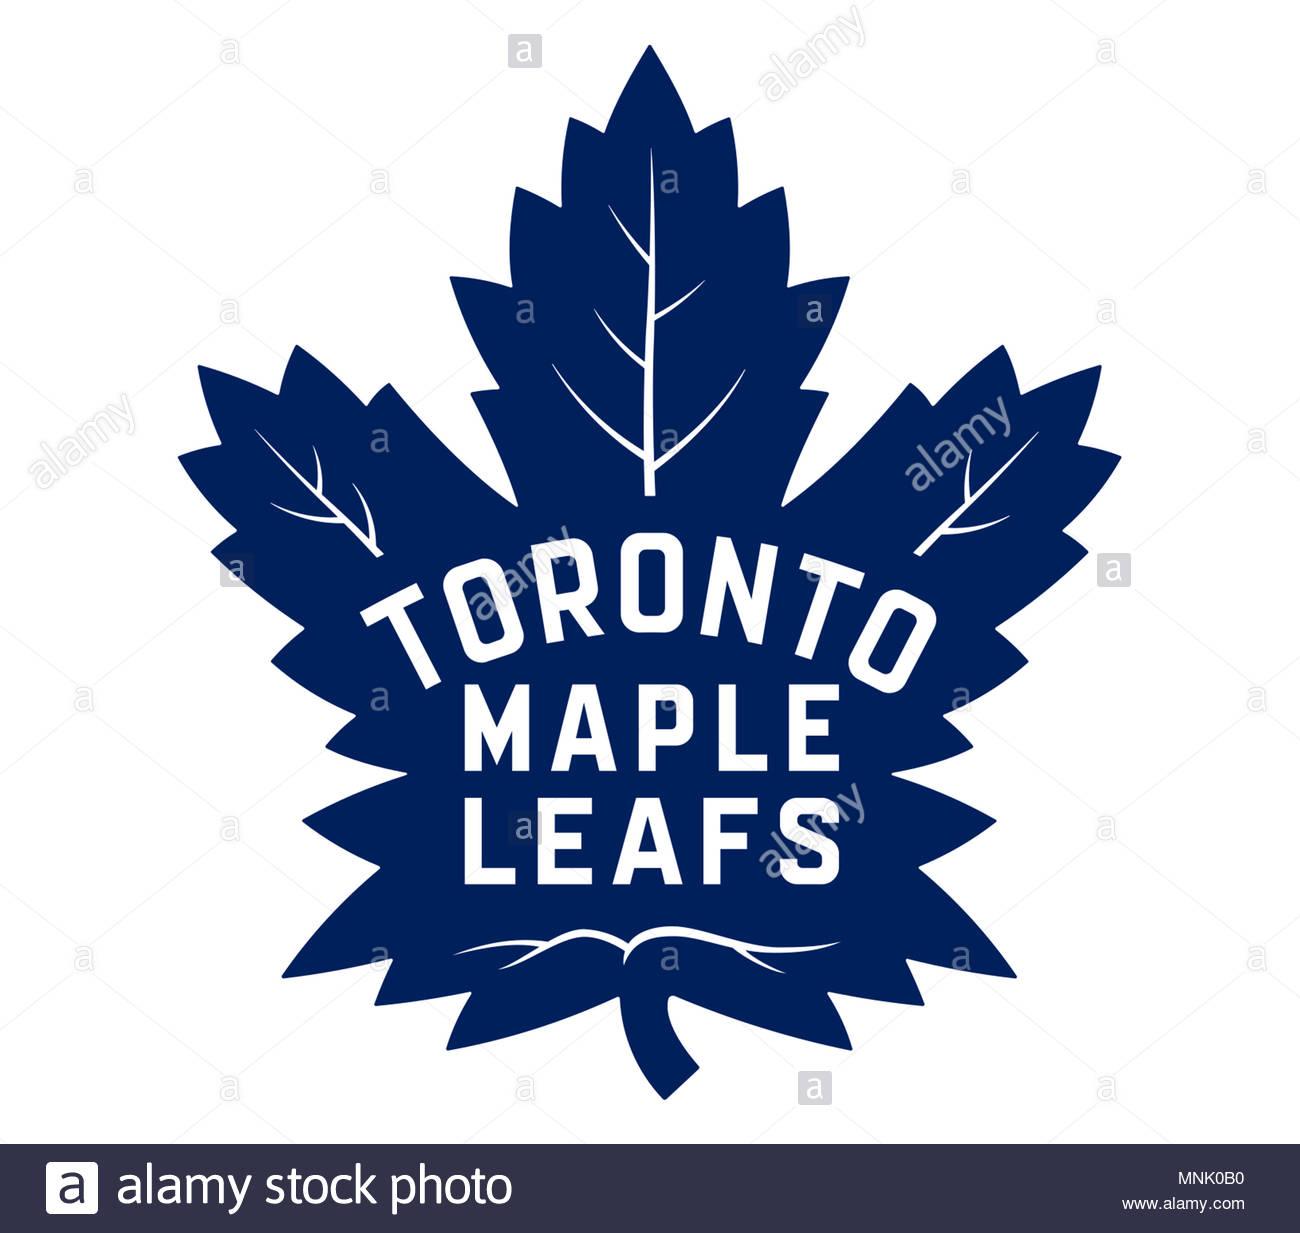 Toronto Maple Leafs logo icon - Stock Image